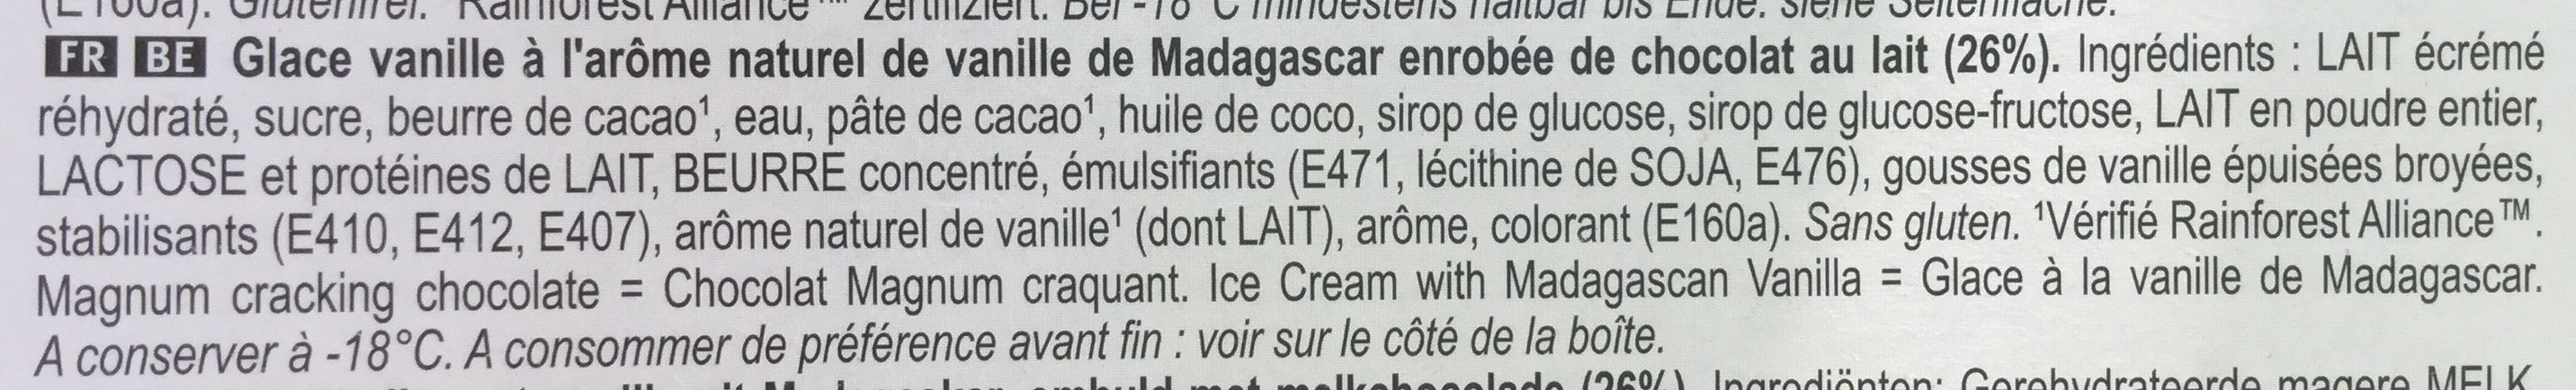 MAGNUM Glace Bâtonnet Classic 4x110ml - Ingrédients - fr